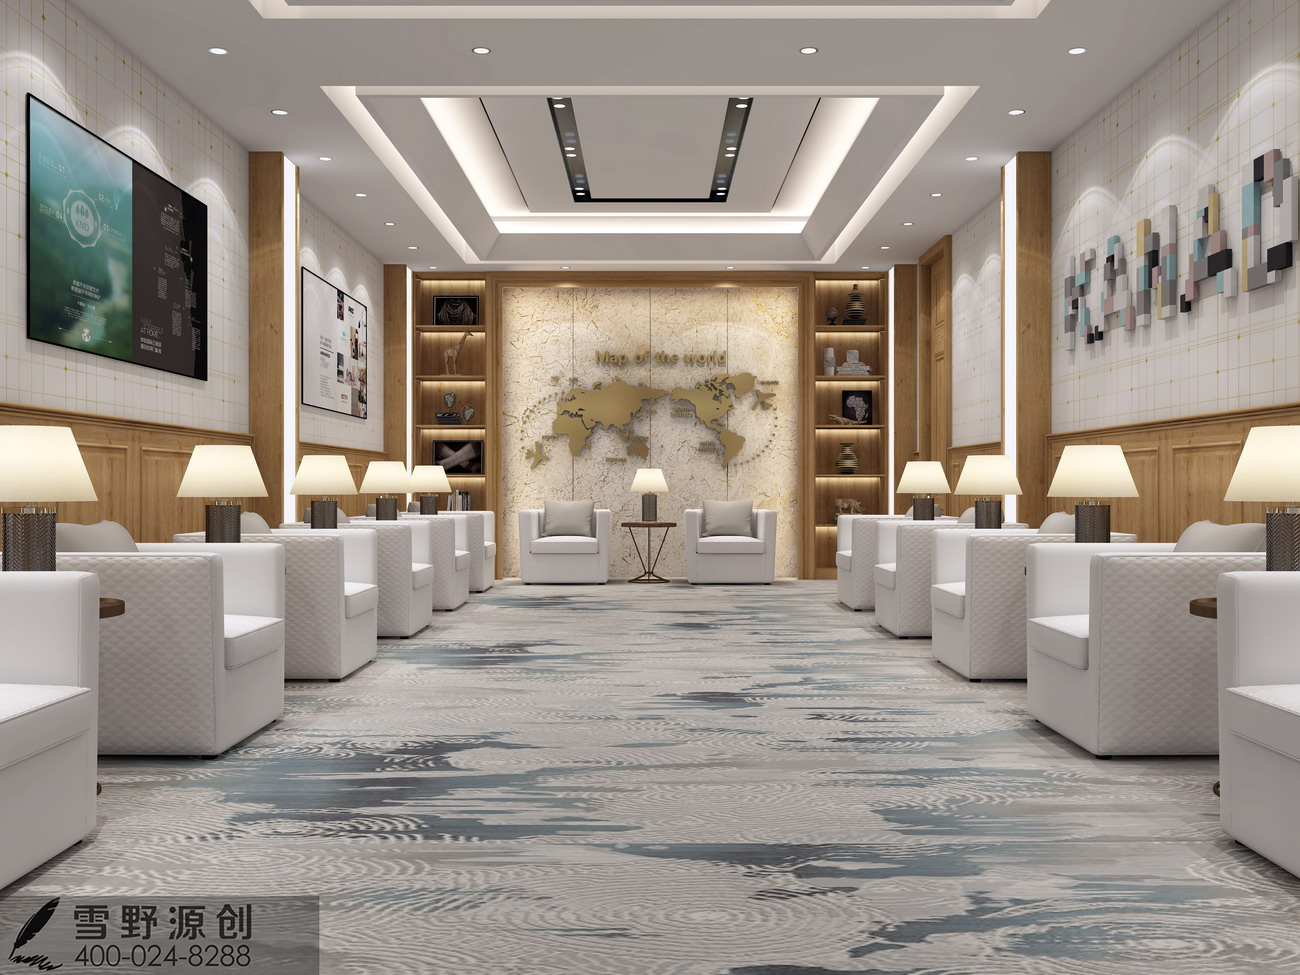 卡娜迪木门抓买点设计-高端木门店专卖店设计-高档整木店面-欧式整木设计-高档店面设计-